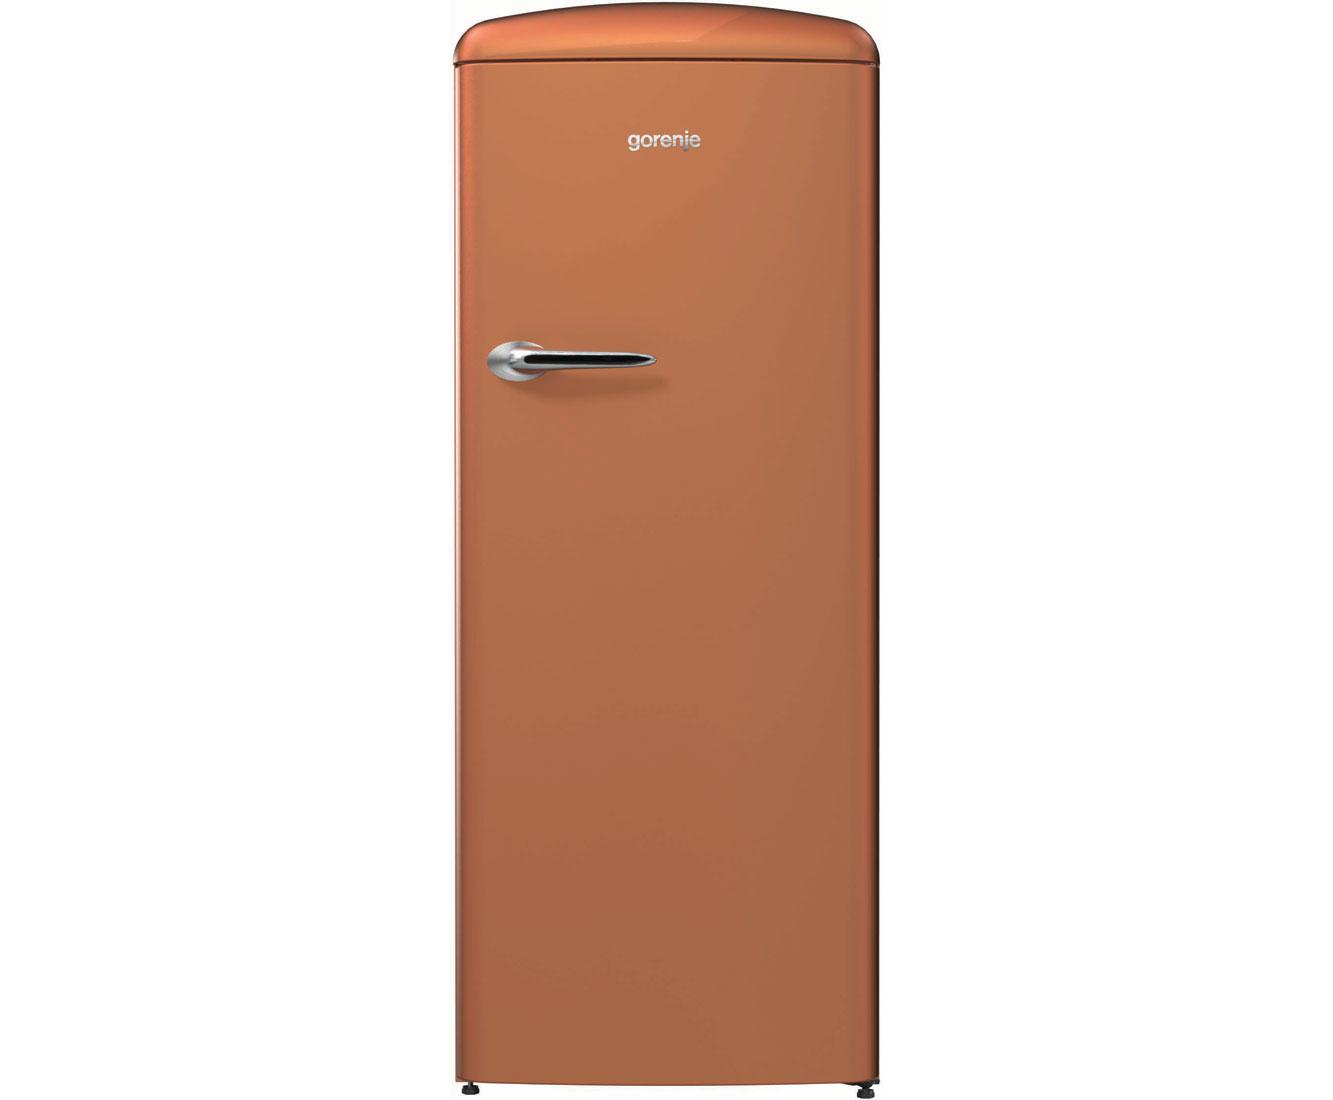 Gorenje Kühlschrank Orb 153 X : Gorenje oldtimer orb cr kühlschrank mit gefrierfach